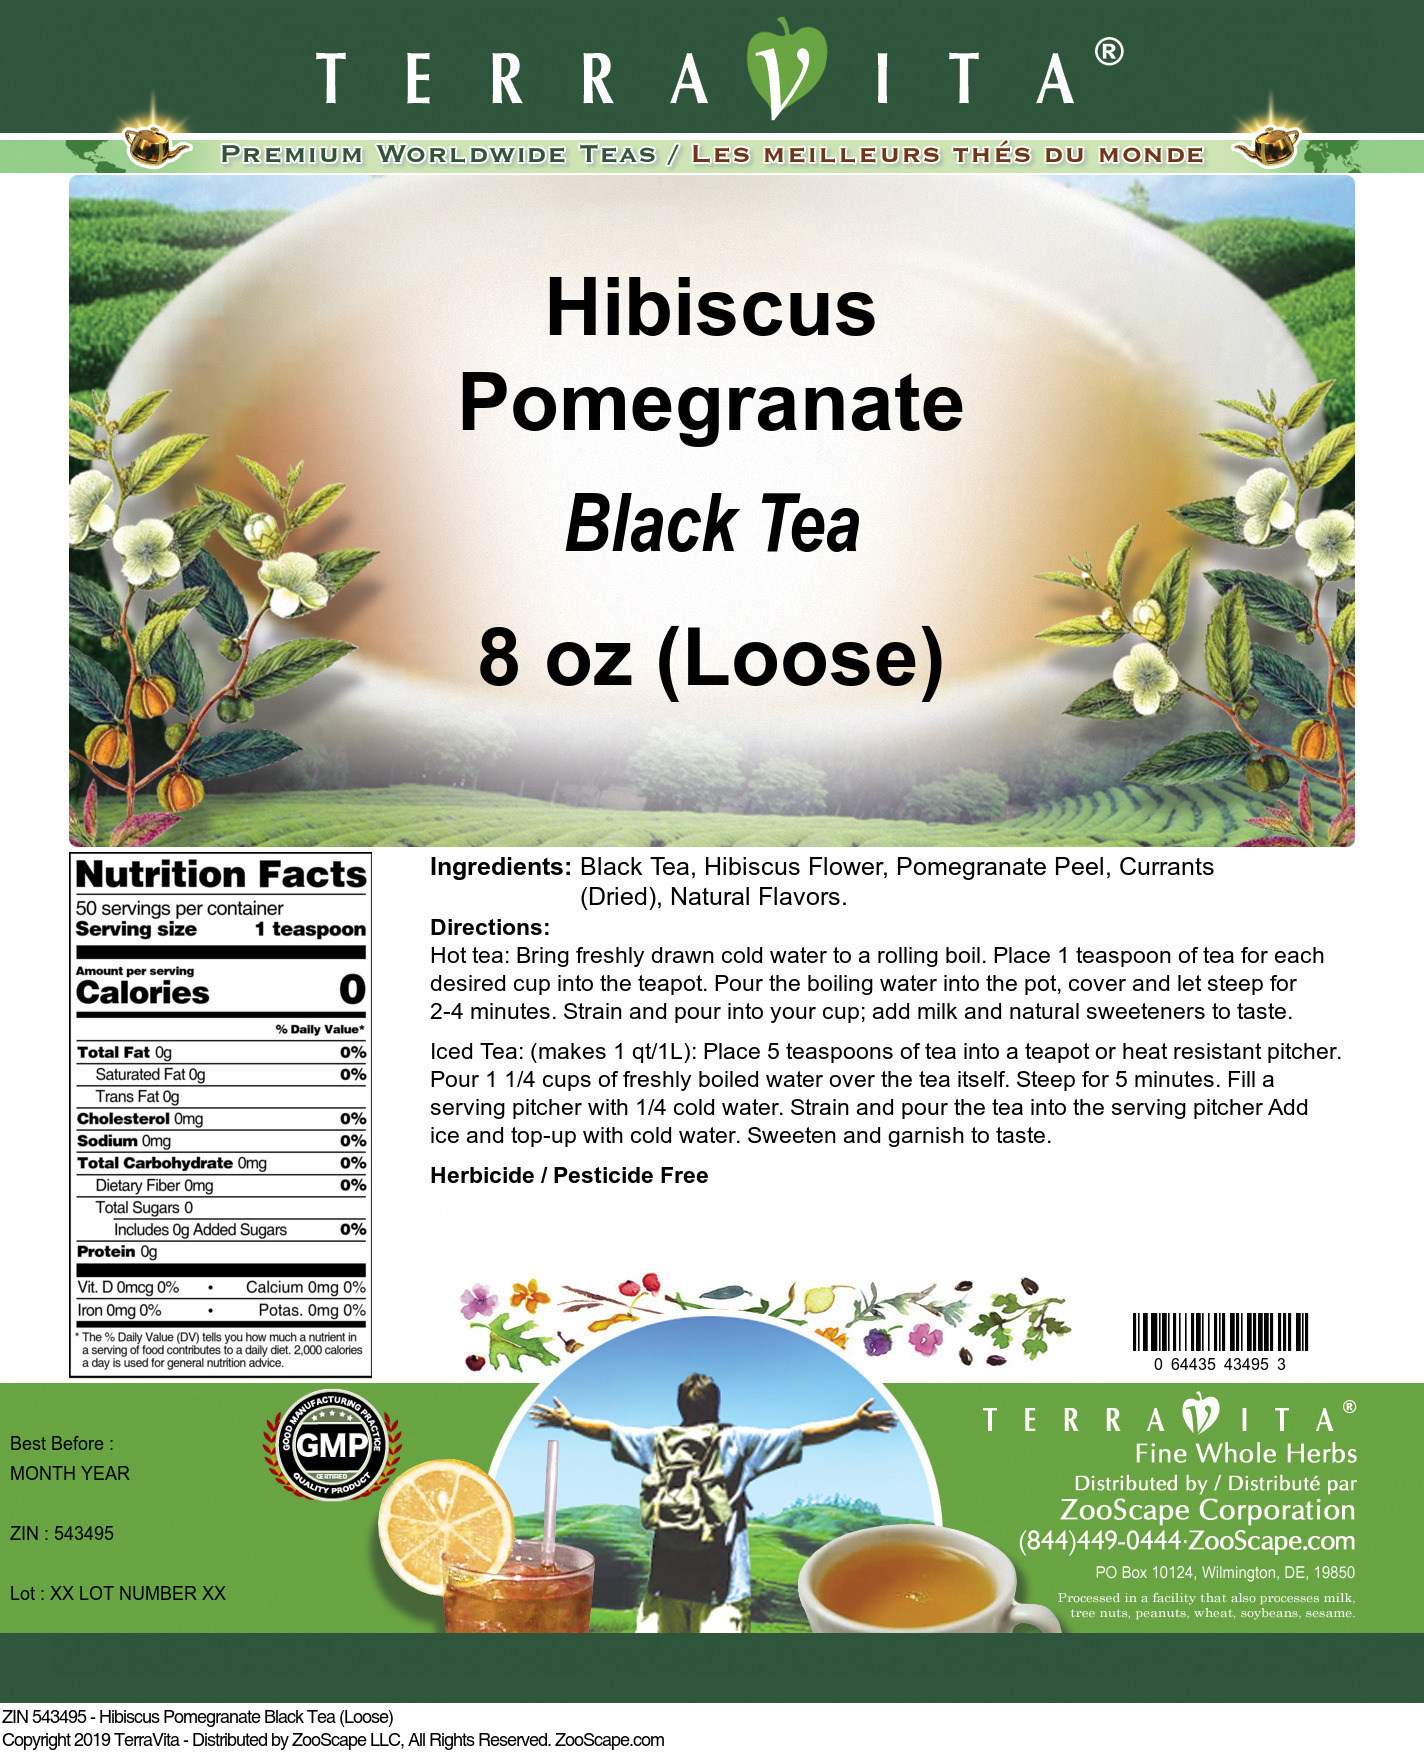 Hibiscus Pomegranate Black Tea (Loose)